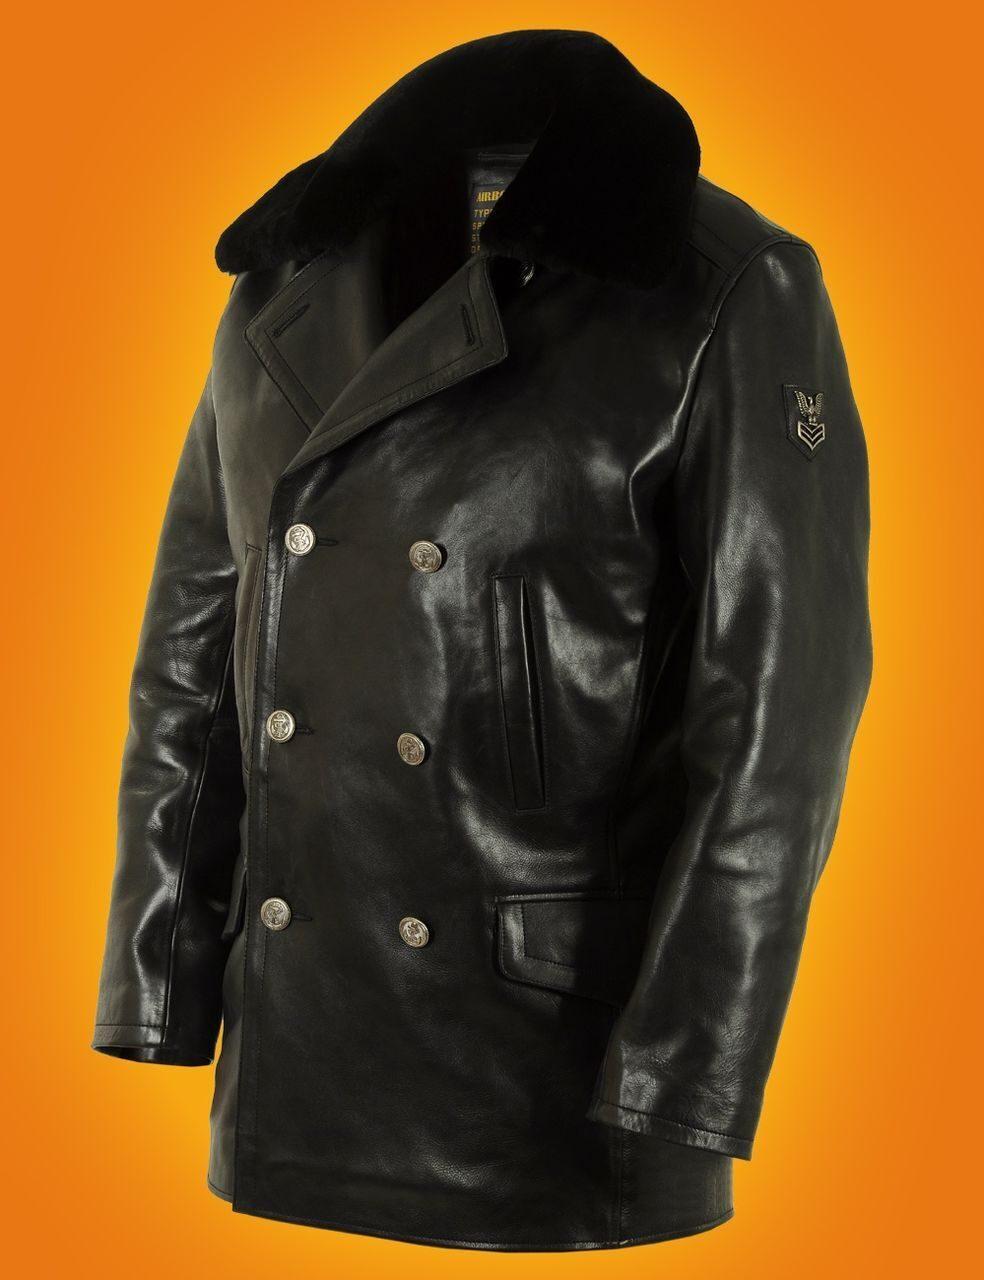 купить кожаный бушлат нимиц термобелье: Некоторые производители